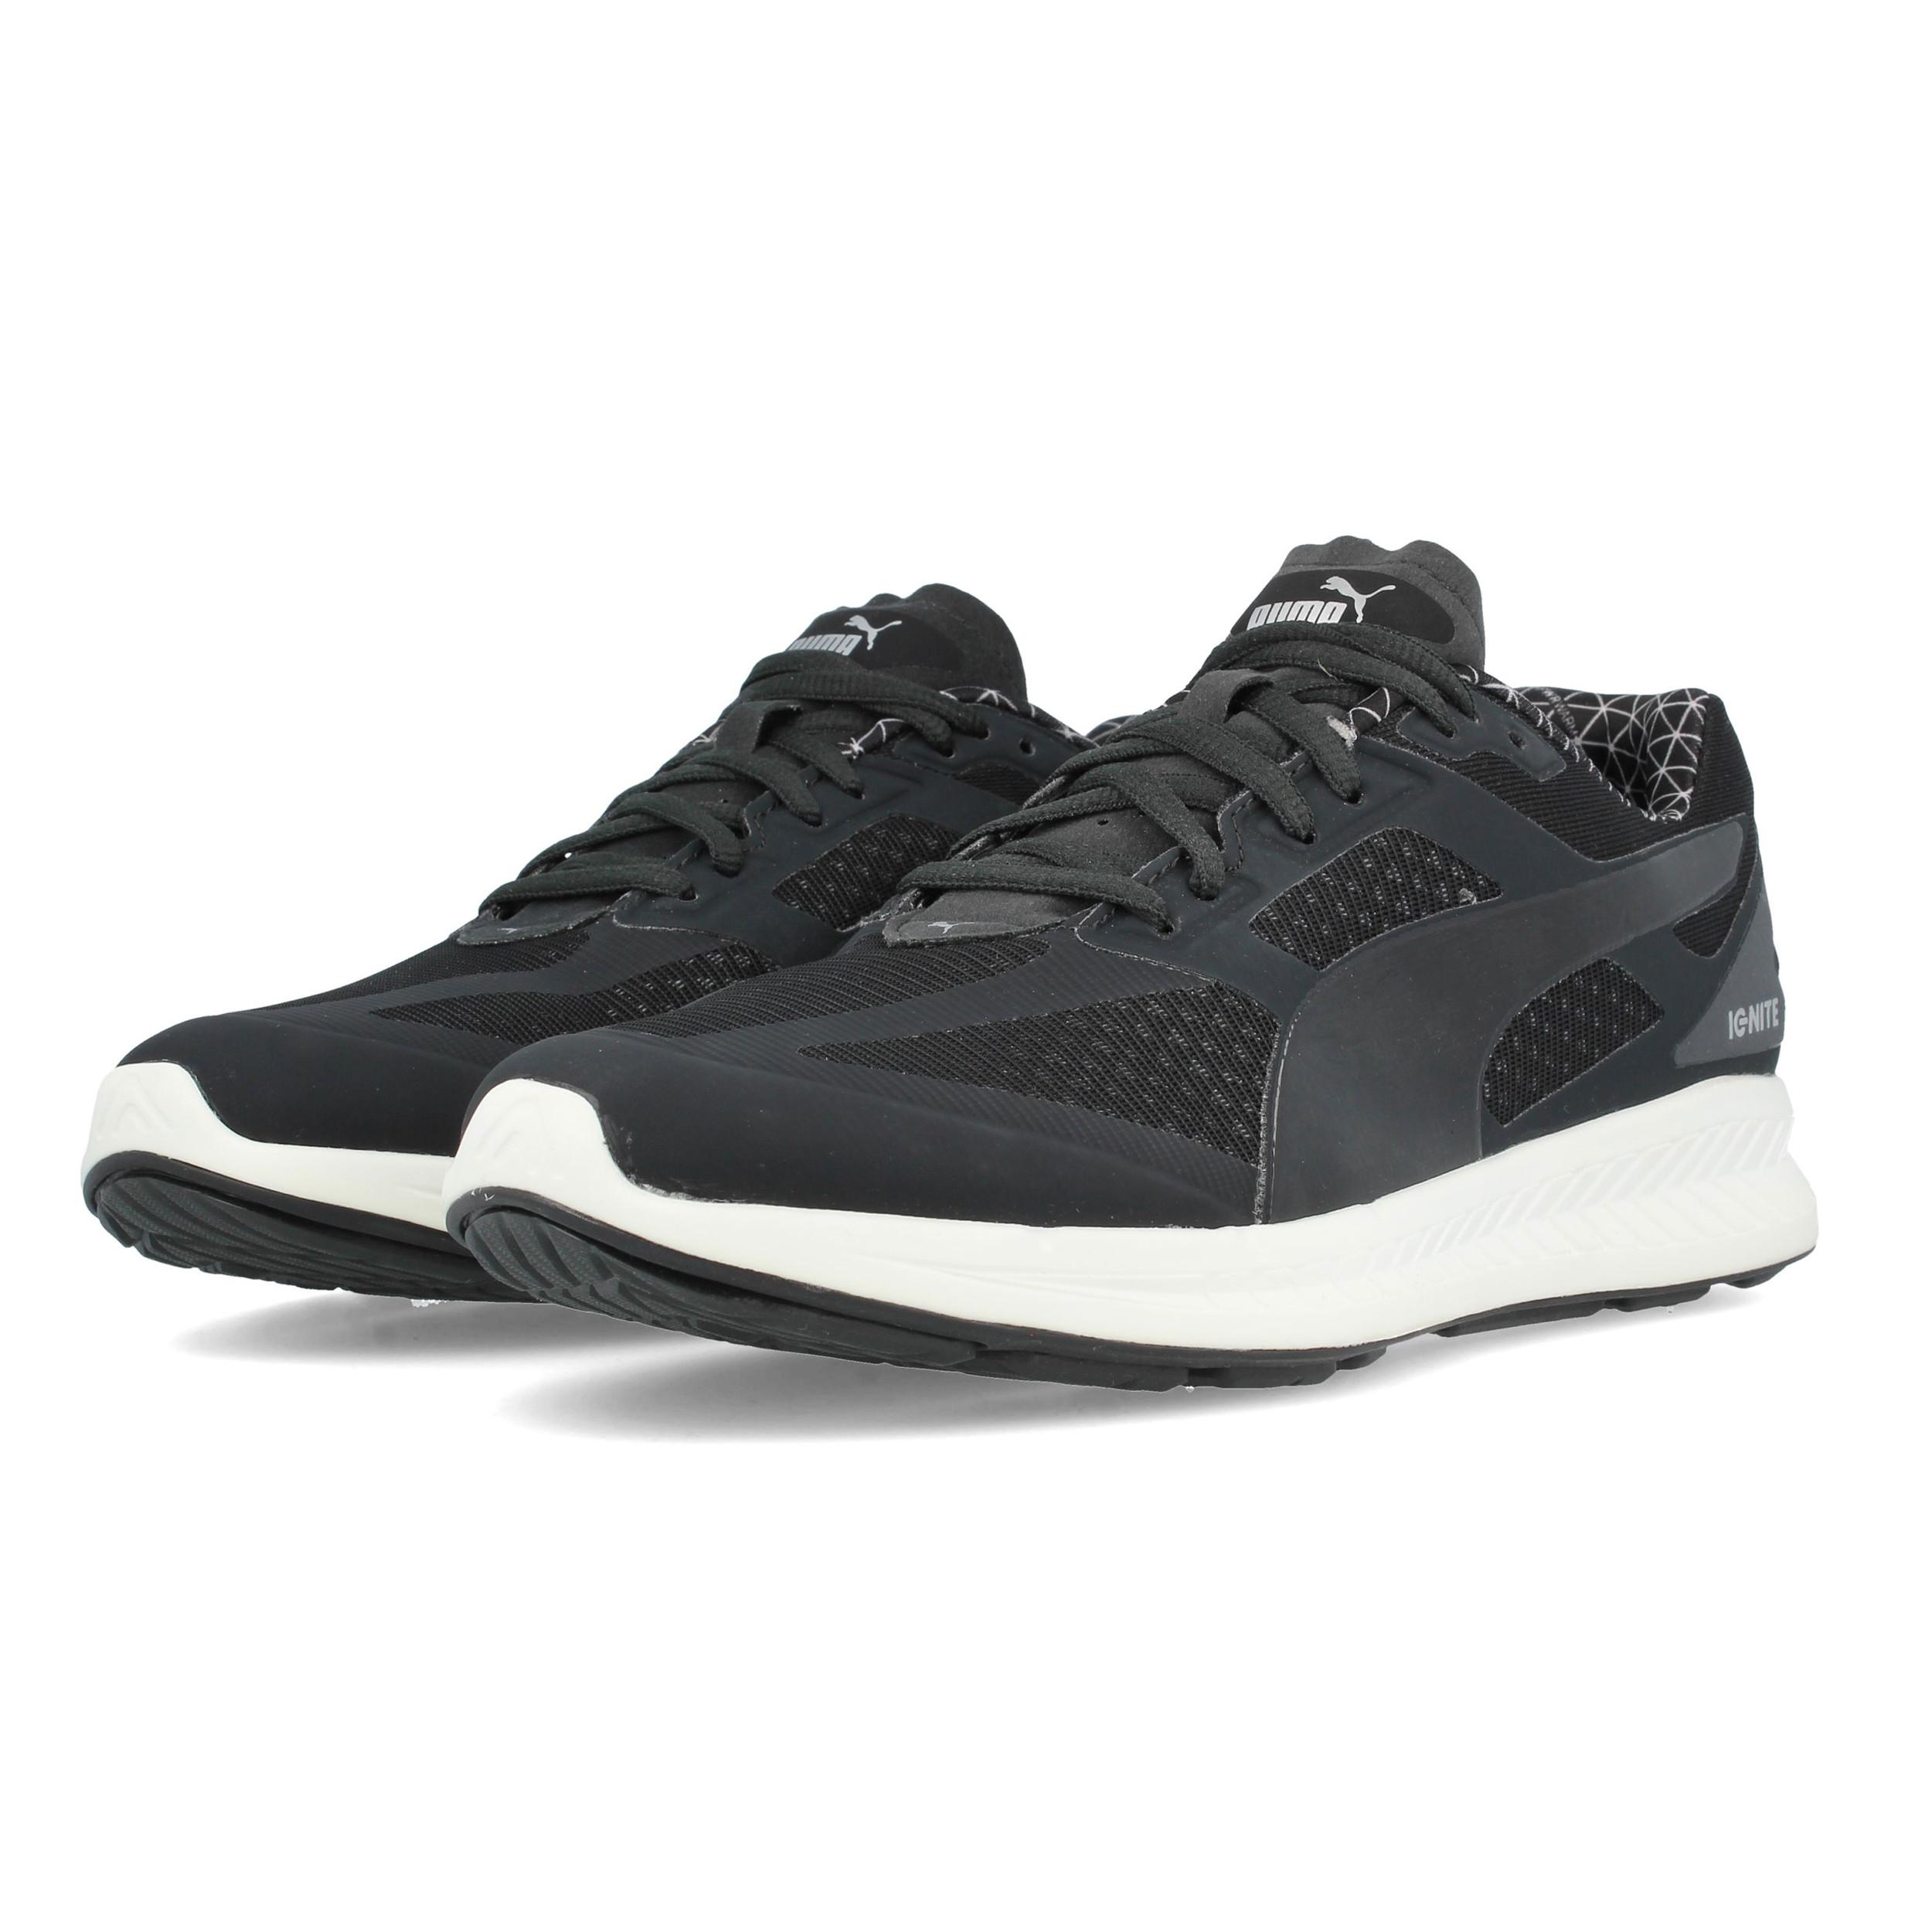 Detalles de Zapatillas Puma Hombre Ignite Ls Calentar Correr Zapatos Zapatillas de Negro Deporte 7c7cb8